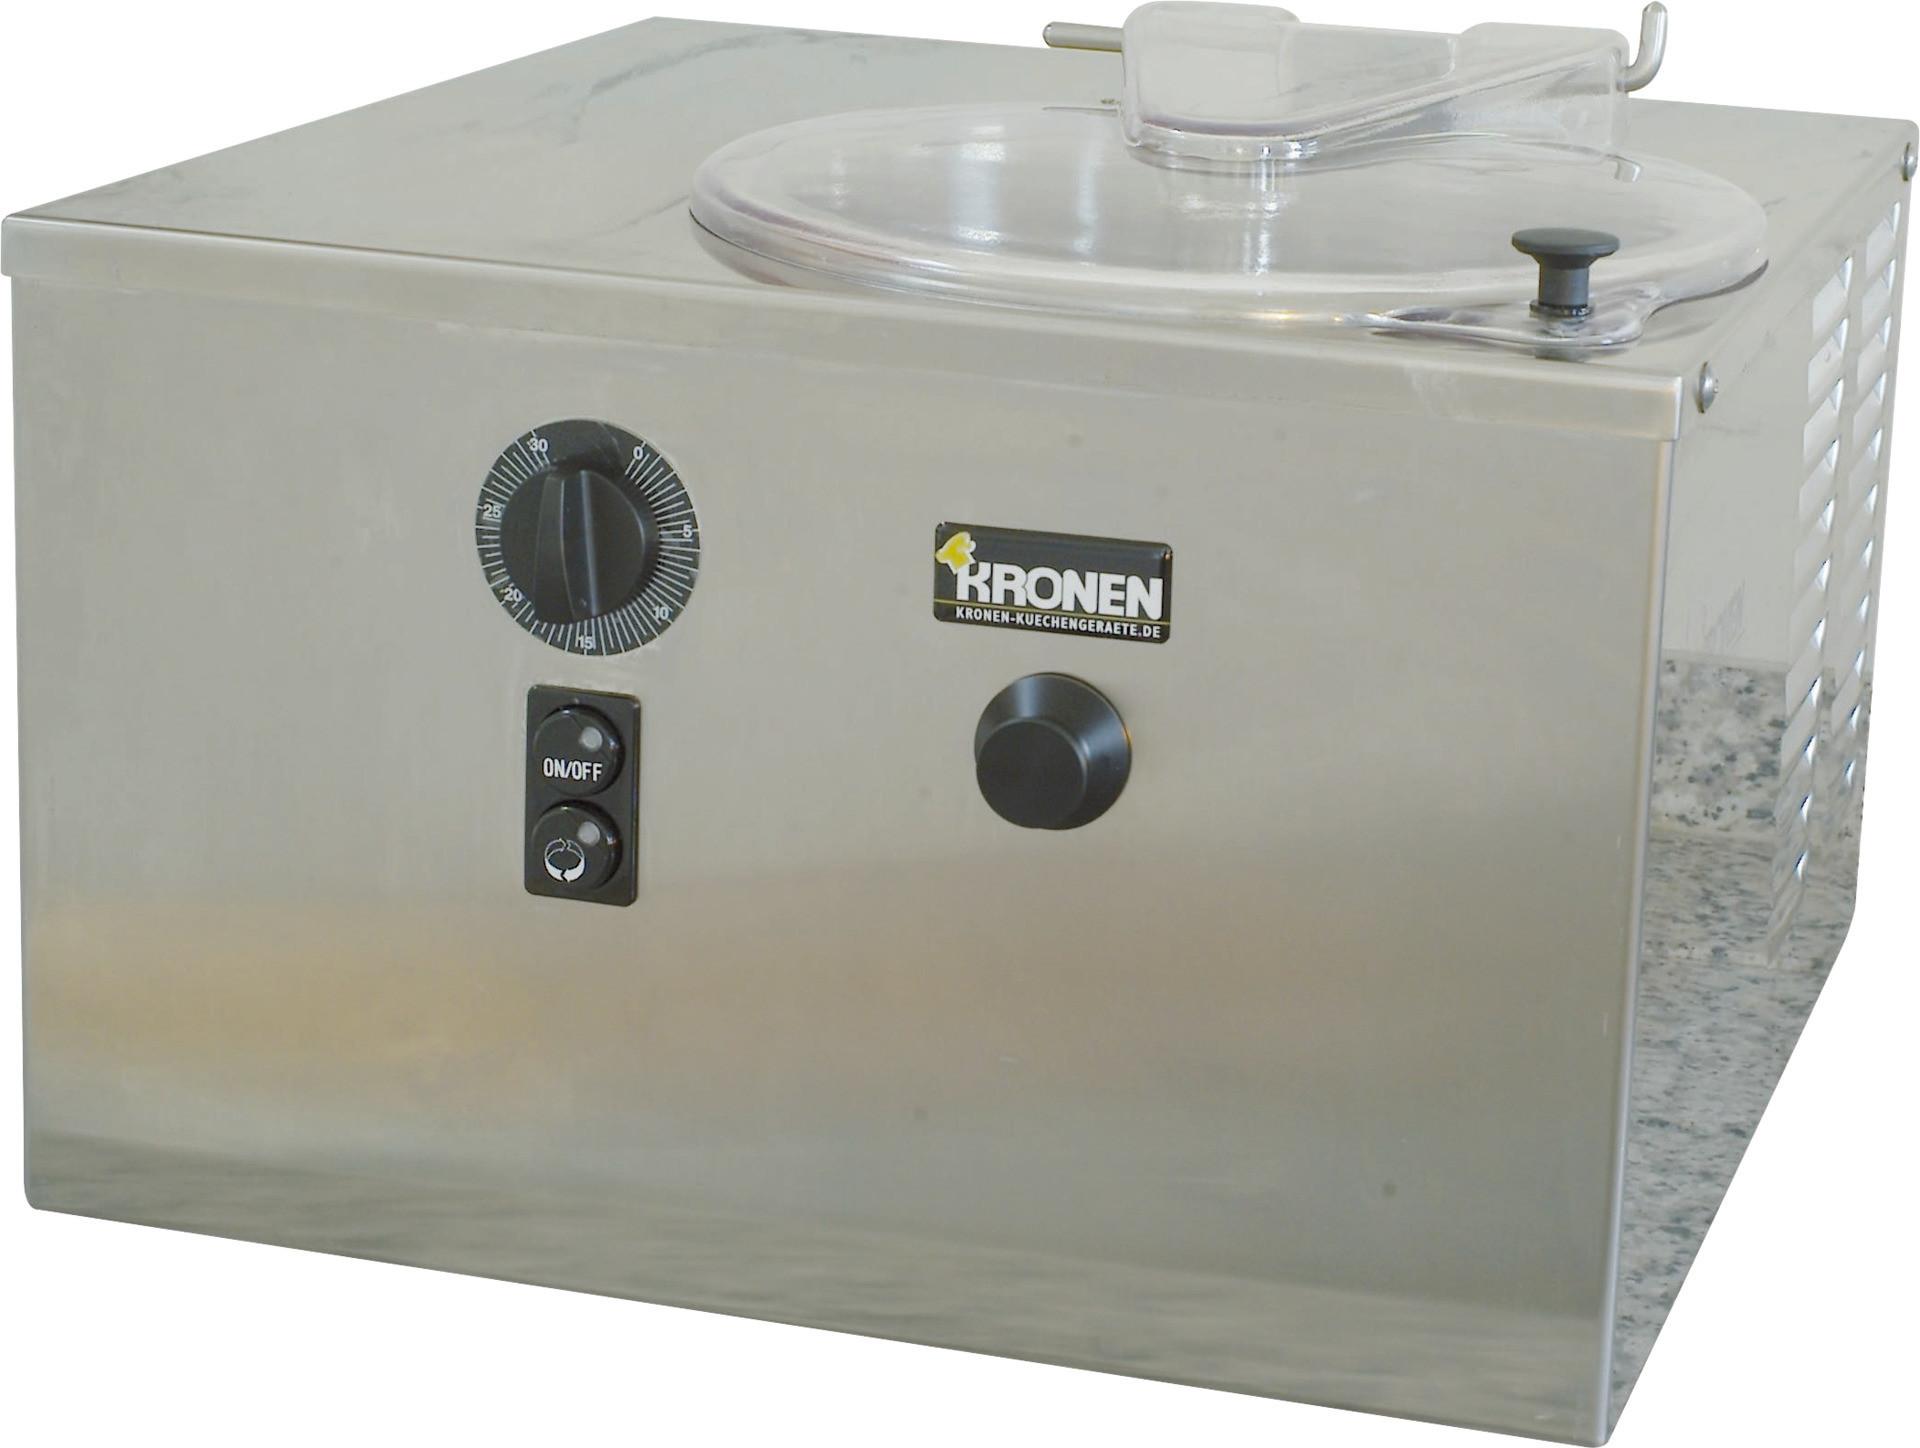 Speiseeismaschine 2,50 l / Leistung 10,00 l/h / Tischgerät